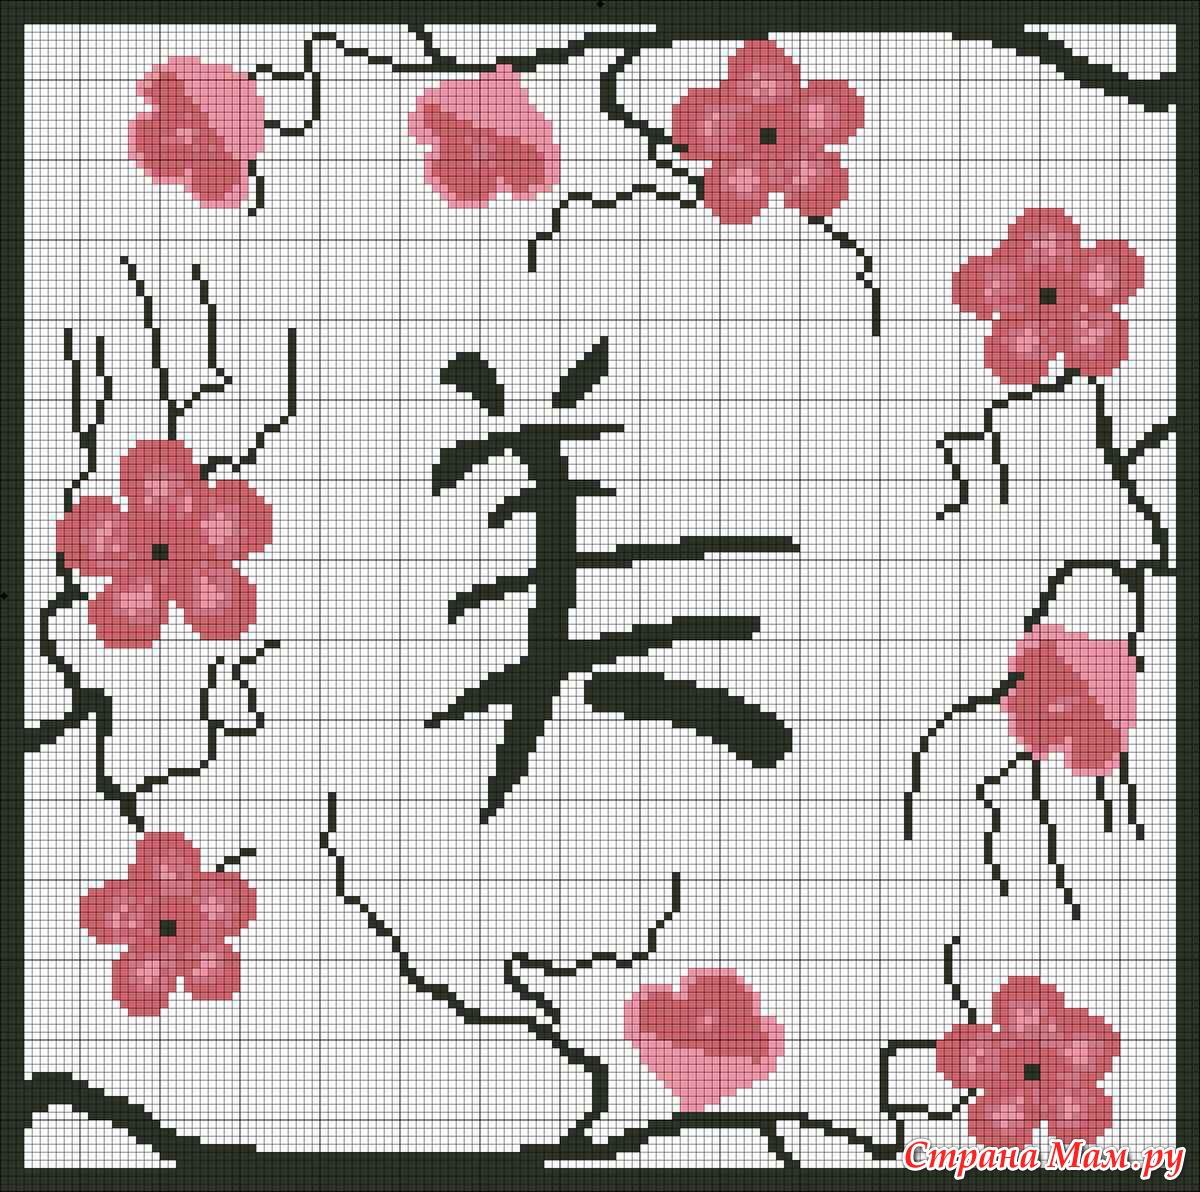 Вышивка крестом китайские иероглифы схемы и их значения